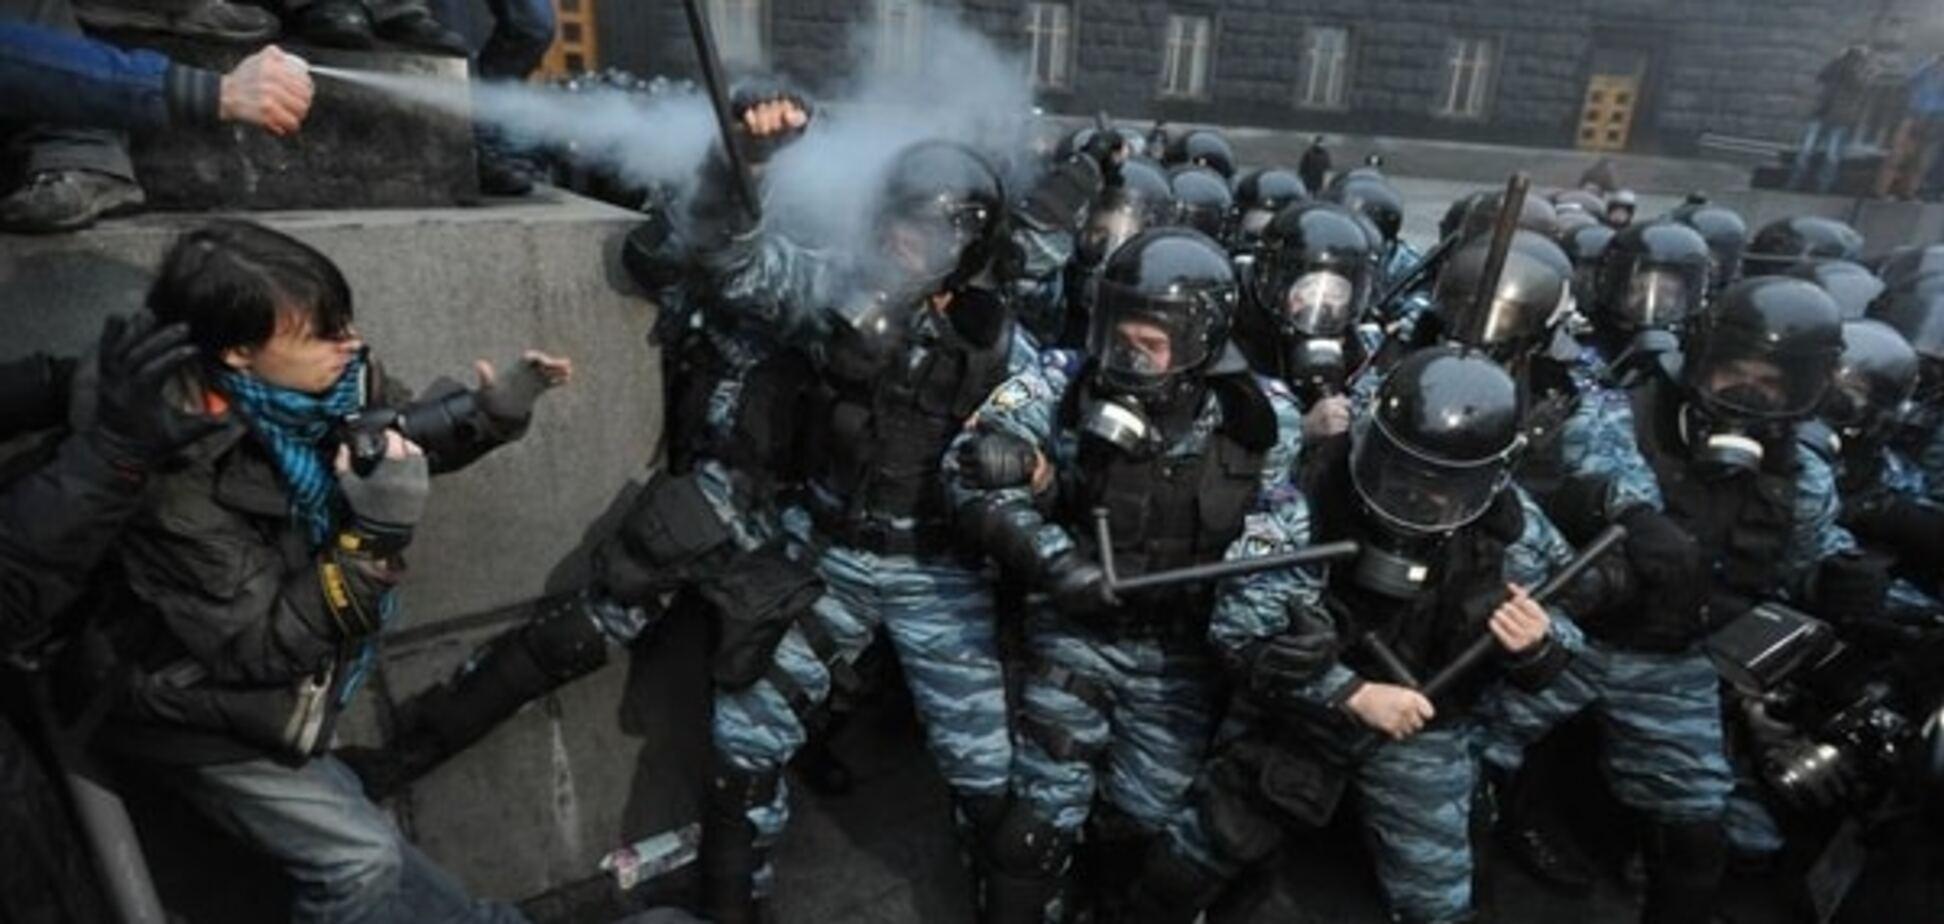 Чужие среди своих: сепаратисты пробрались в ряды Новой полиции